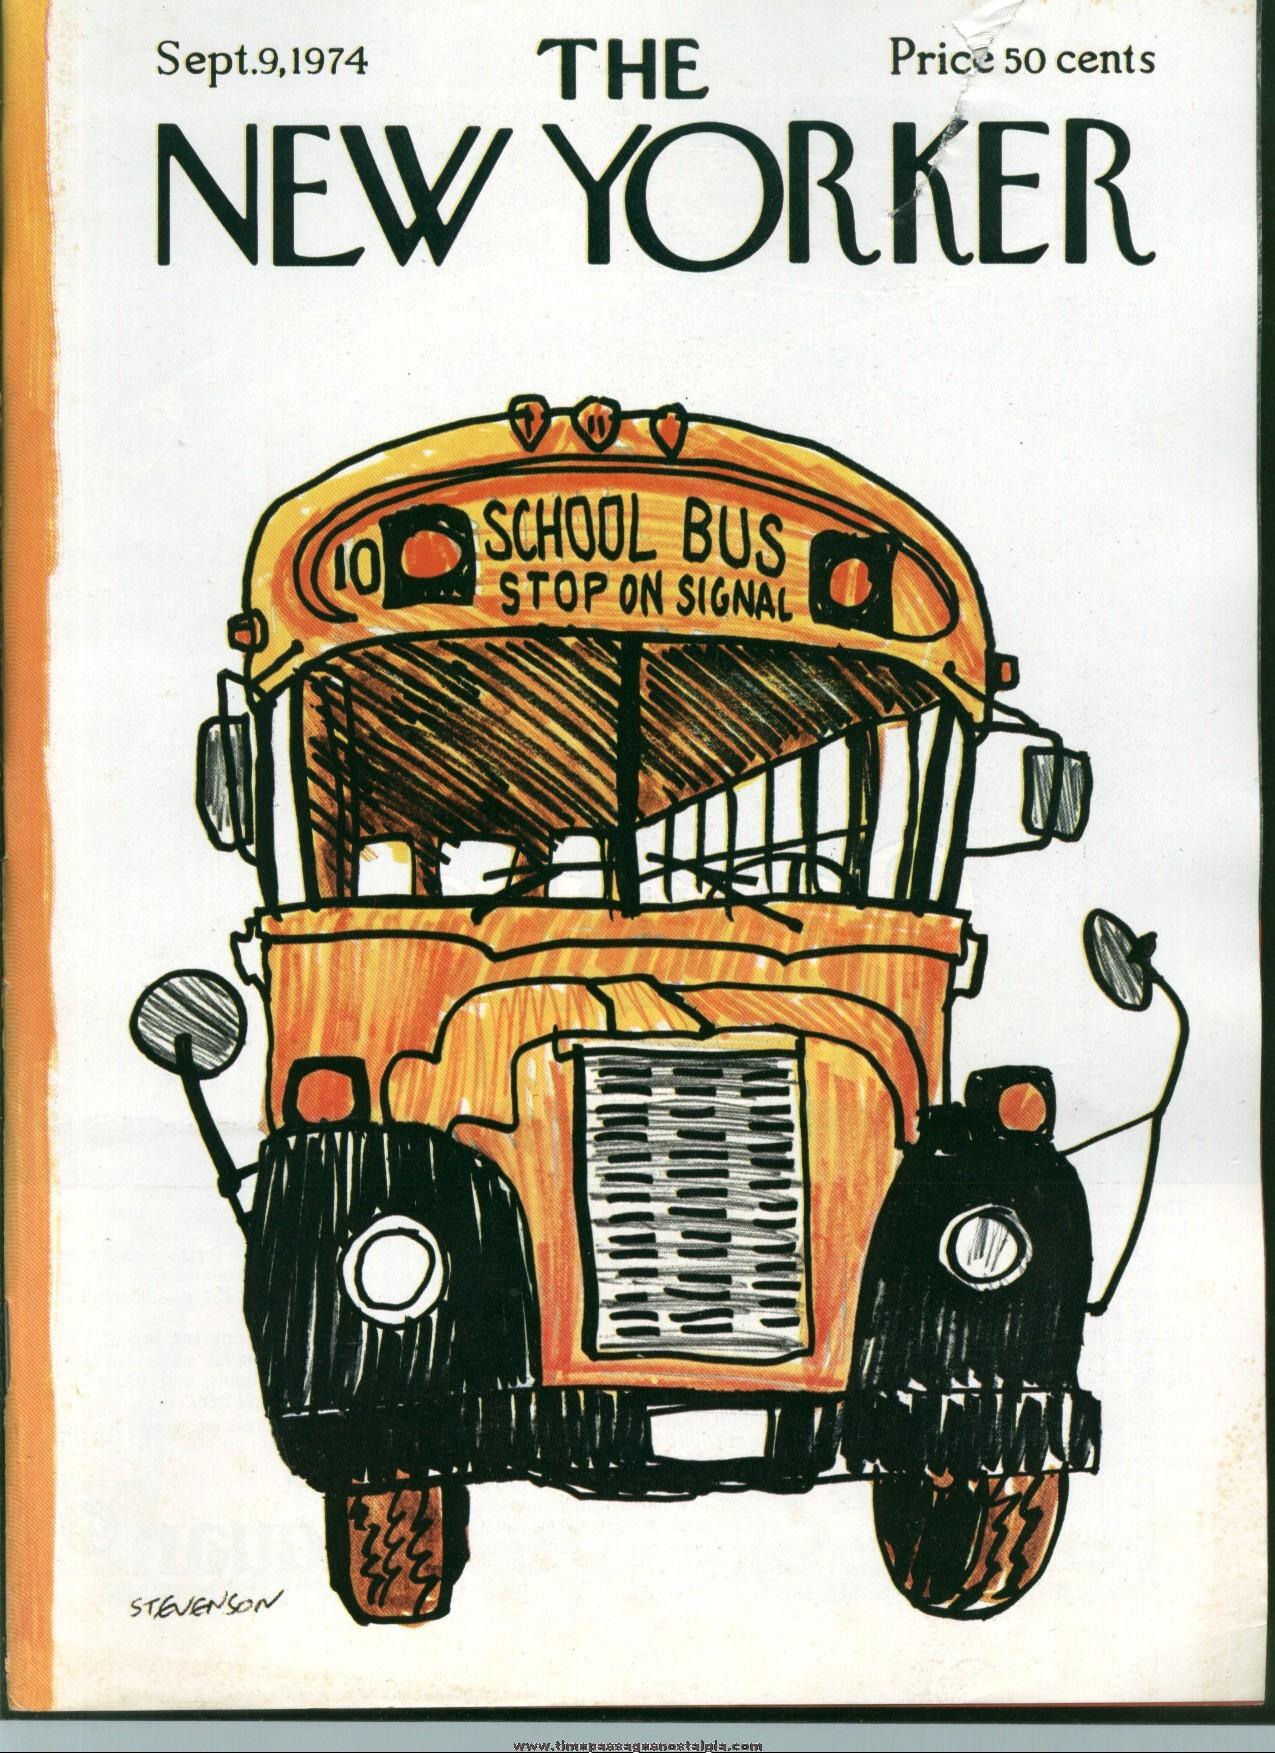 New Yorker Magazine - September 9, 1974 - Cover by James Stevenson